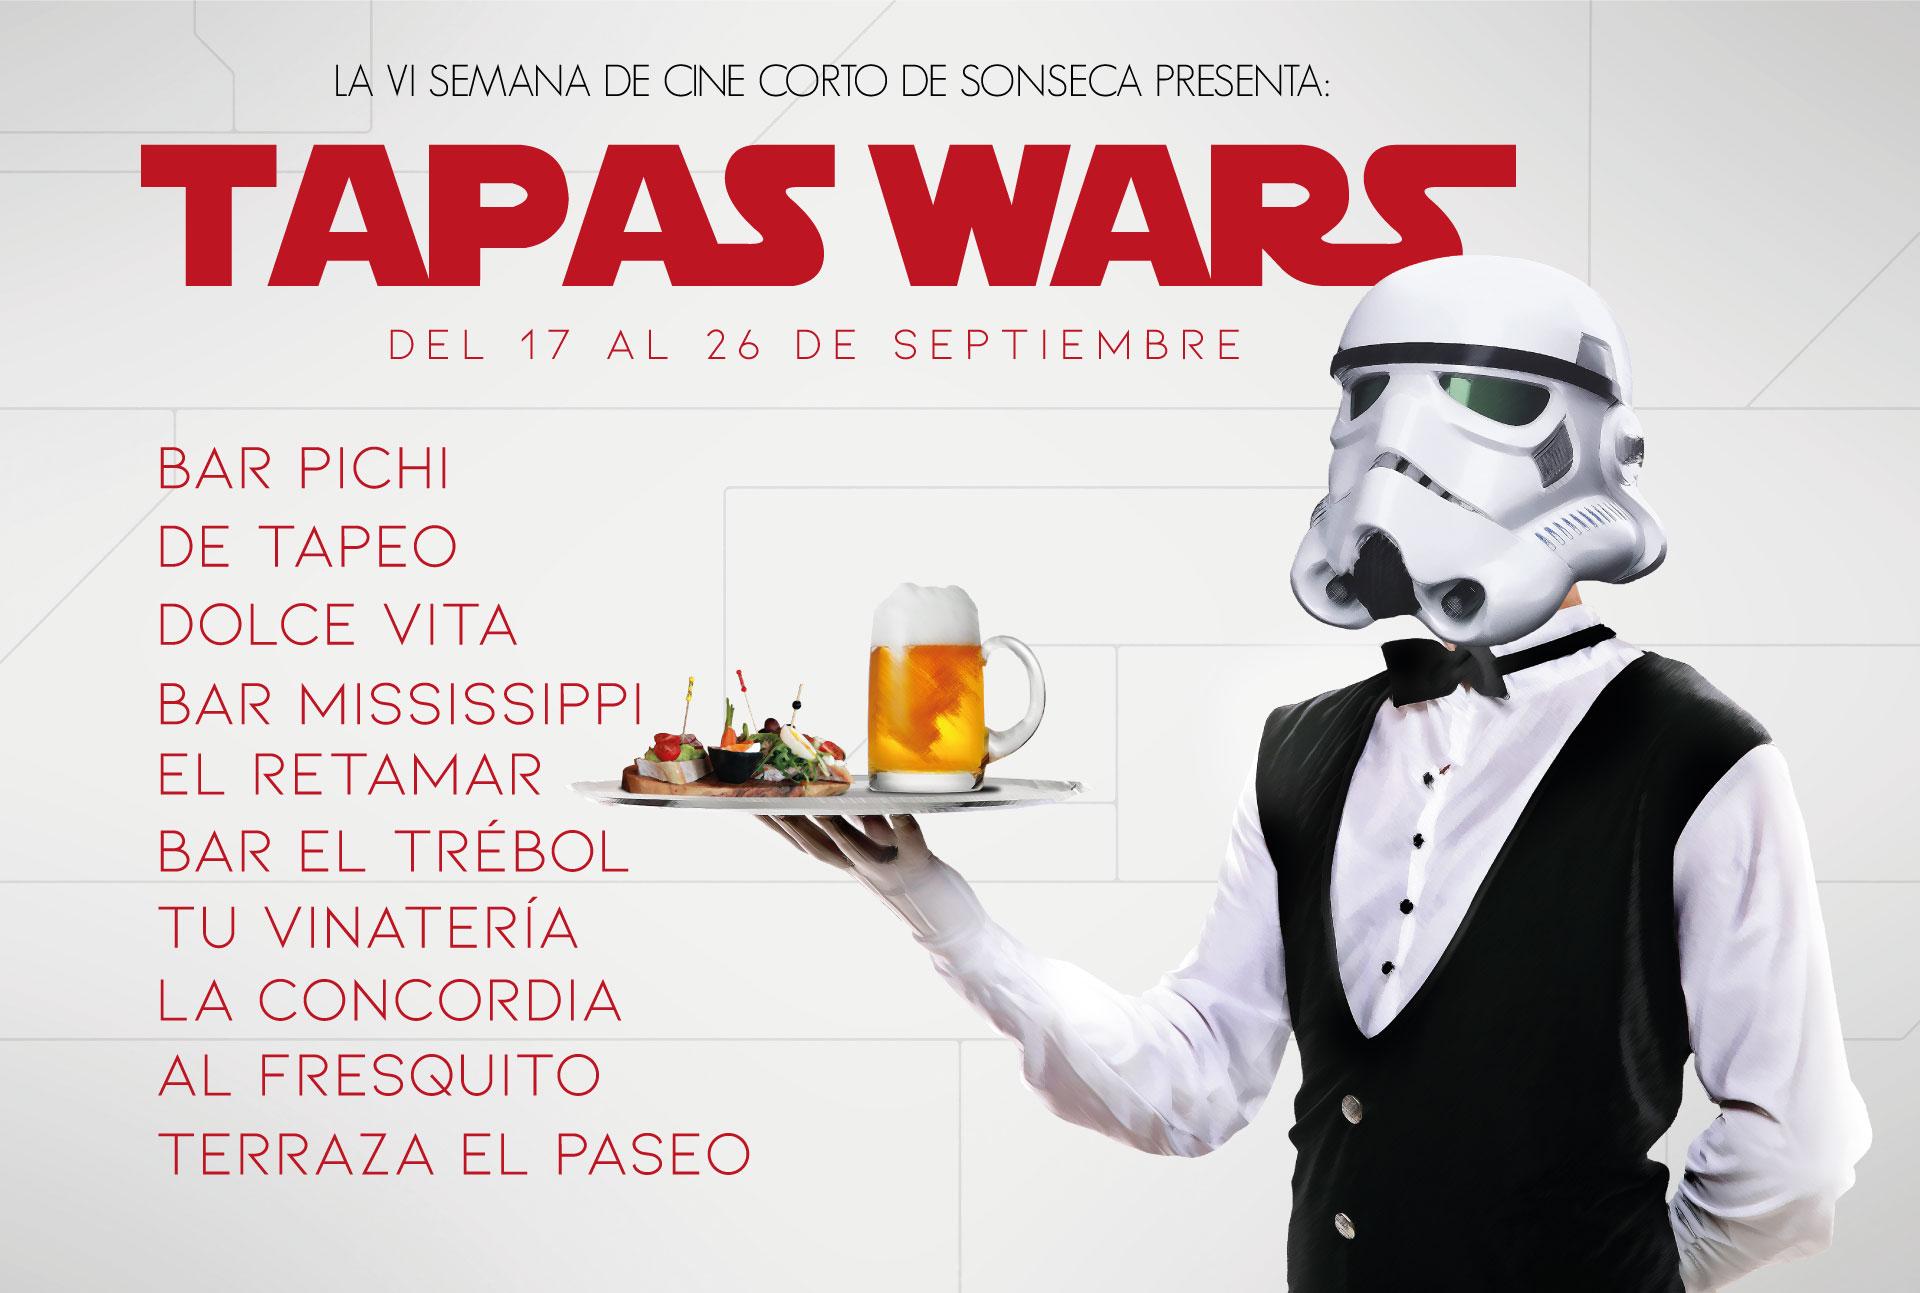 RUTA DE TAPAS TASPAS WARS